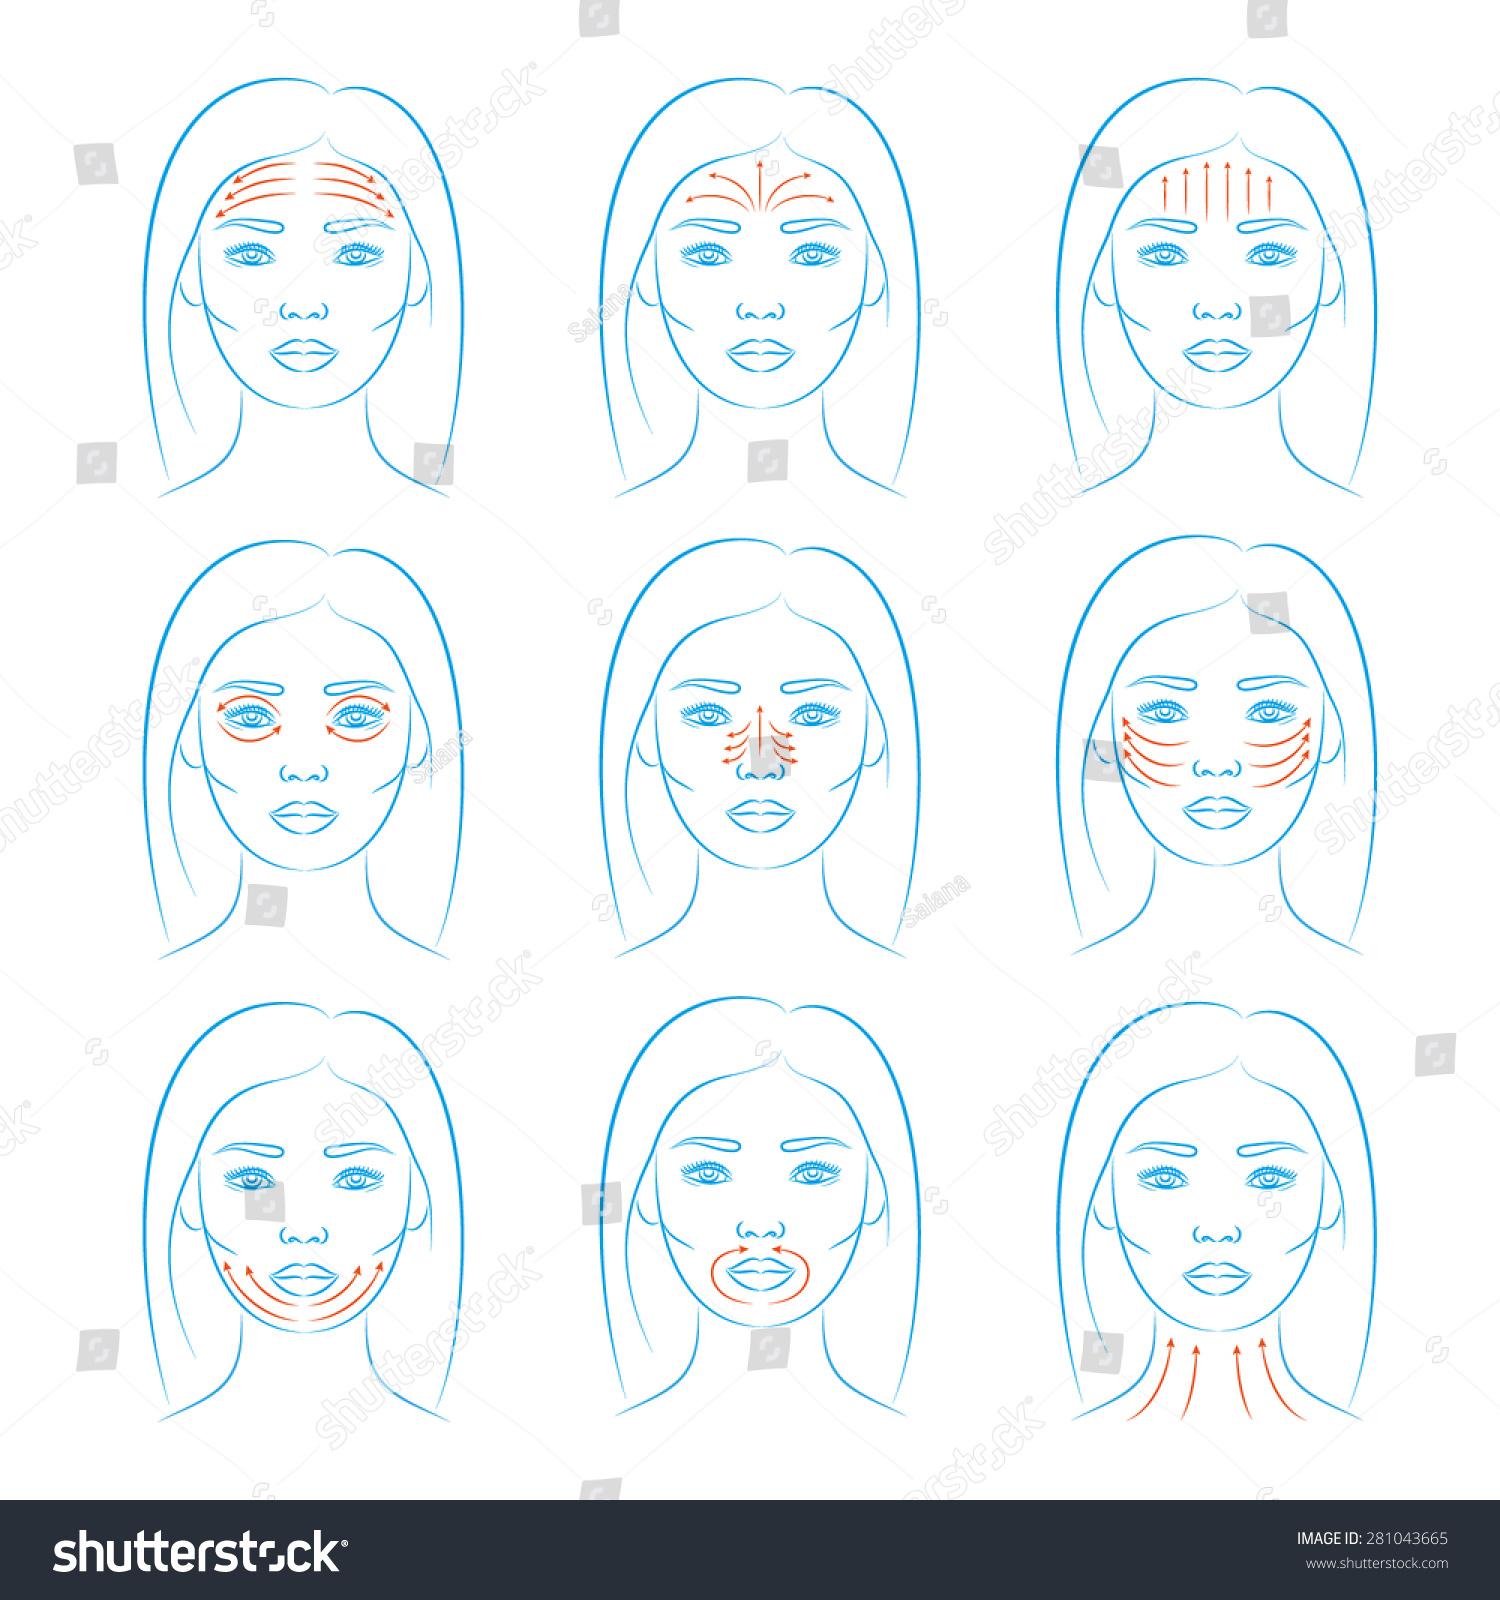 Set of face massage instructions isolated on white background.